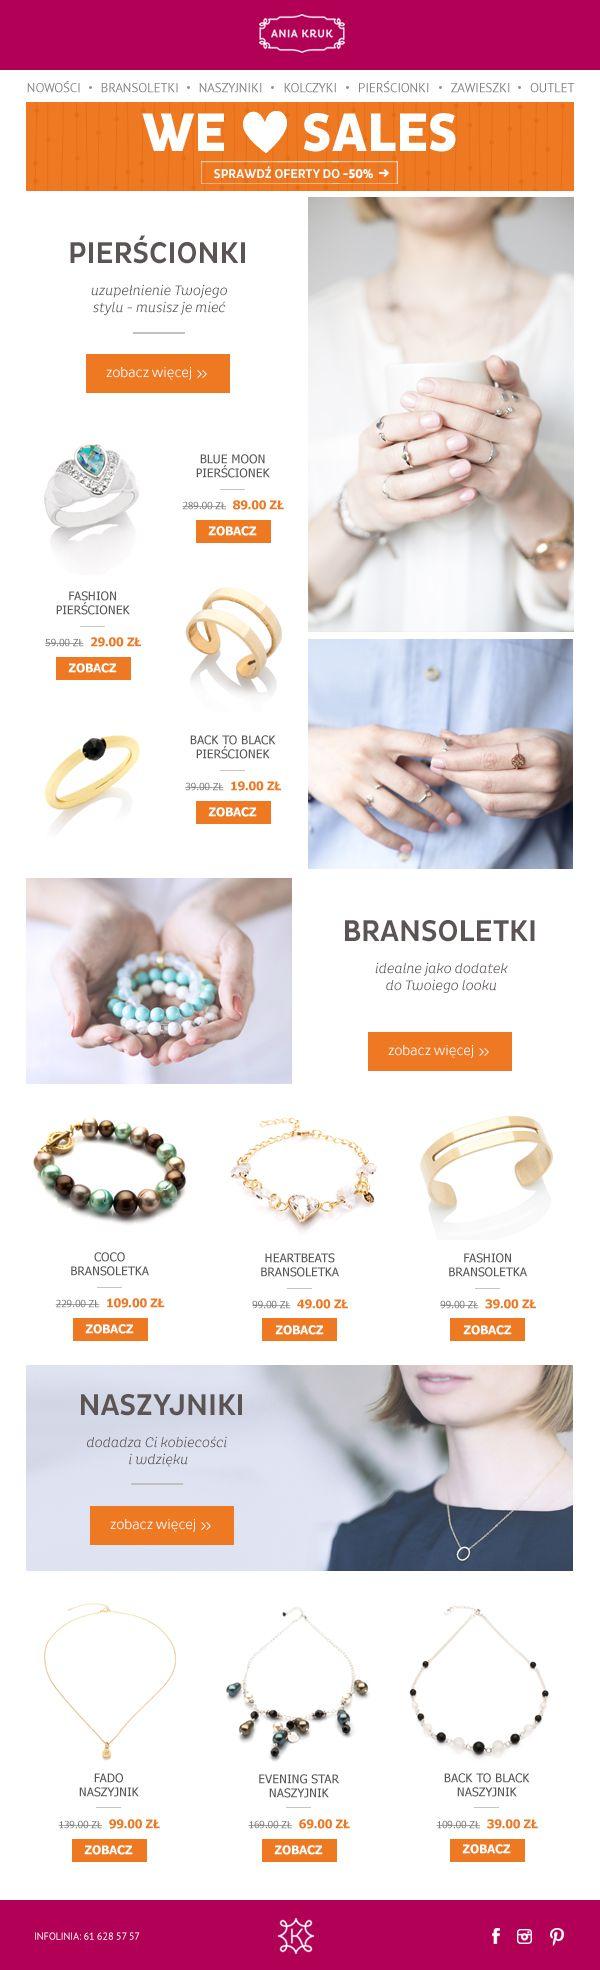 Wyprzedażowy newseletter dla sklepu aniakruk.pl #wyprzedaż #aniakruk #newsletter